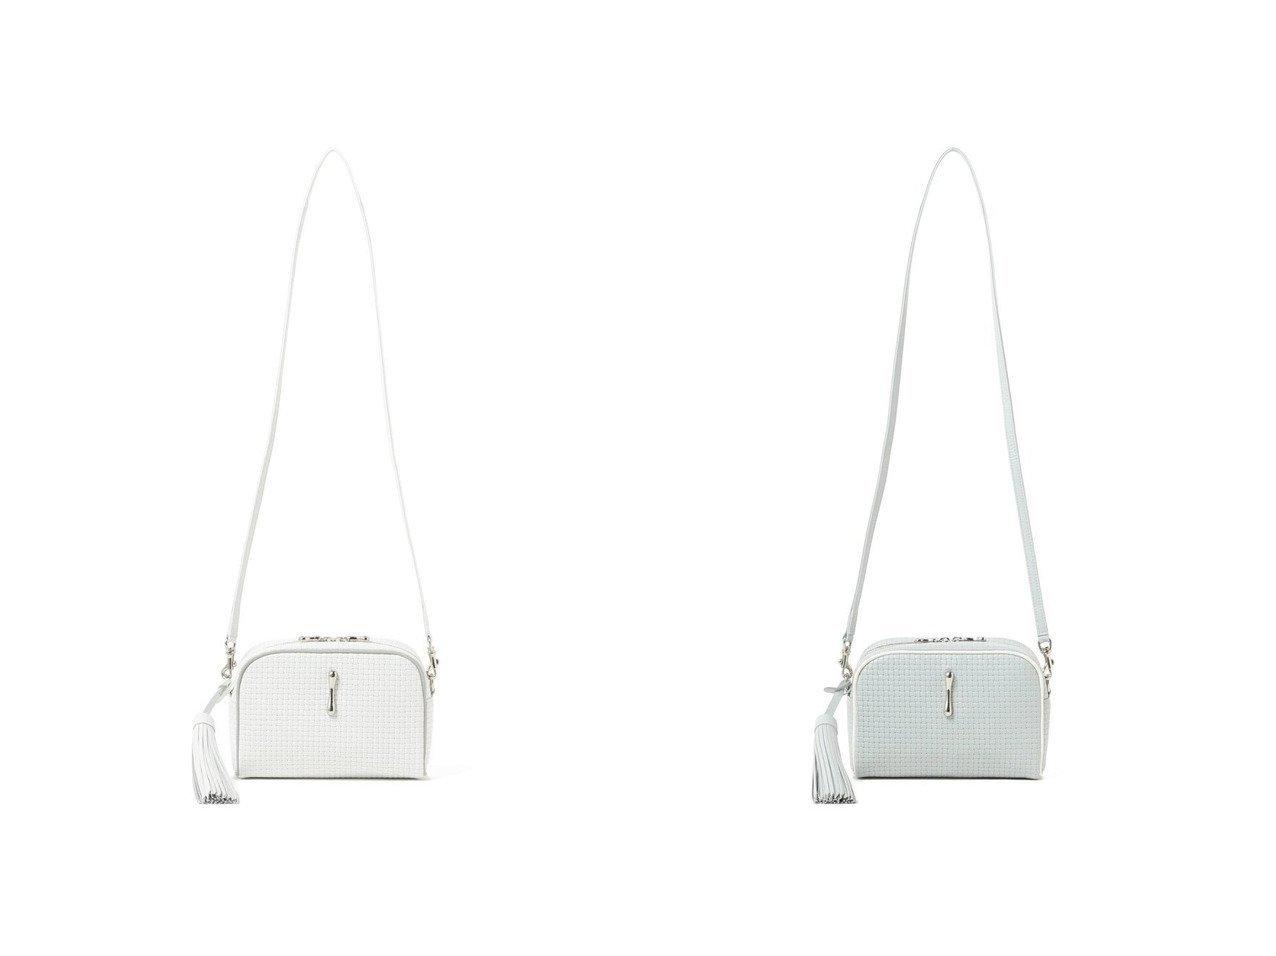 【Demi-Luxe BEAMS/デミルクス ビームス】のTOFF& レヴュー メッシュ ショルダーバッグ バッグ・鞄のおすすめ!人気、トレンド・レディースファッションの通販  おすすめで人気の流行・トレンド、ファッションの通販商品 メンズファッション・キッズファッション・インテリア・家具・レディースファッション・服の通販 founy(ファニー) https://founy.com/ ファッション Fashion レディースファッション WOMEN バッグ Bag クラシック クール シルバー スマート 財布 タッセル 定番 バランス メッシュ モダン  ID:crp329100000009929